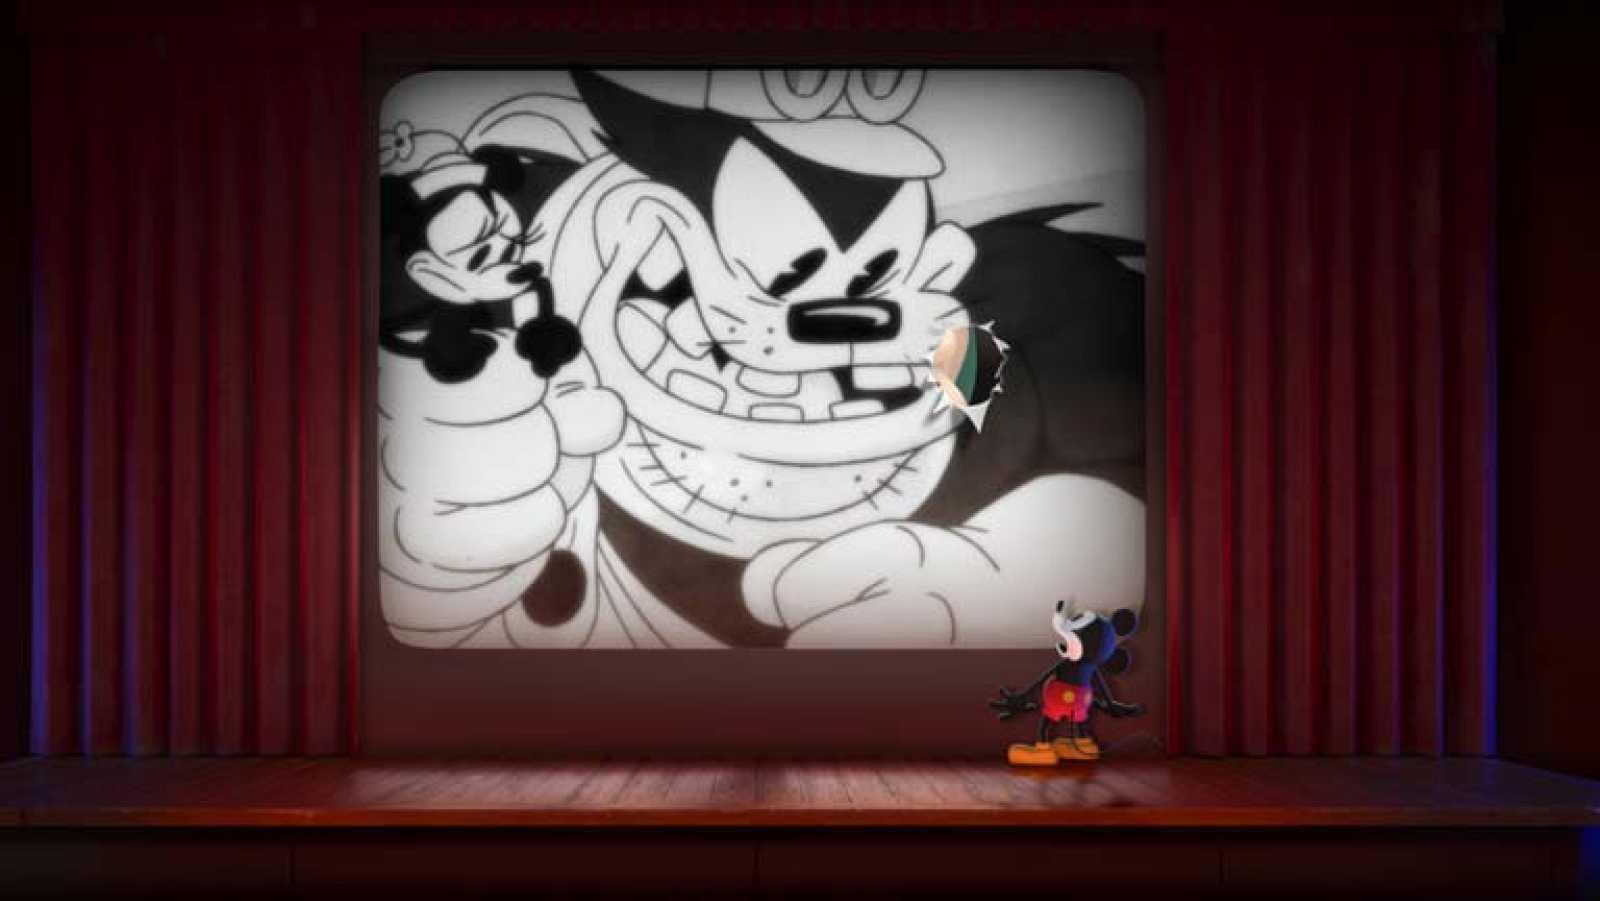 Mickey Mouse celebra su 85 cumpleaños